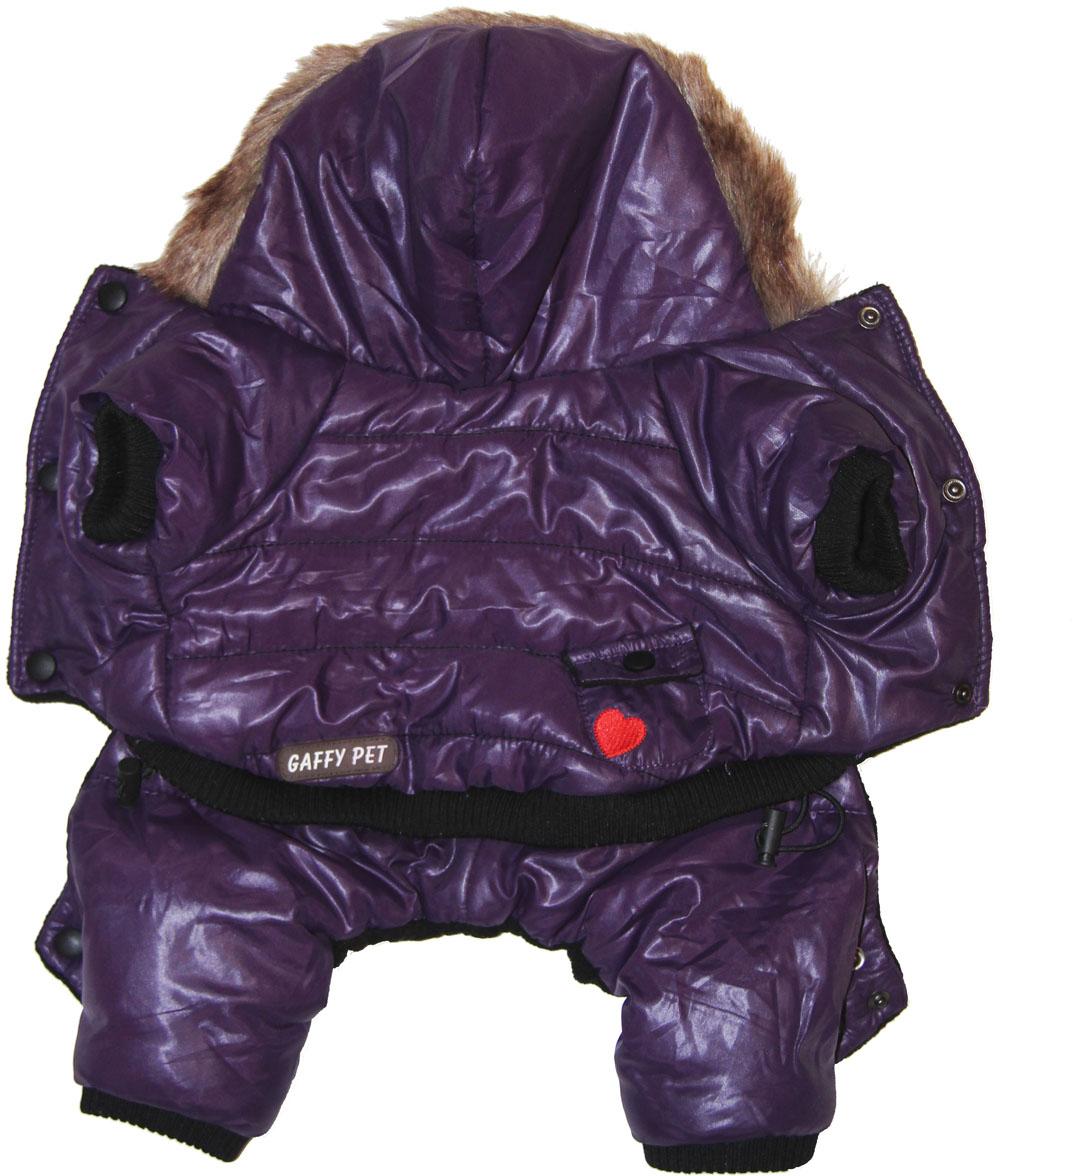 Комбинезон для собак Gaffy Pet Heart, зимний, мальчика, цвет: фиолетовый. Размер XS